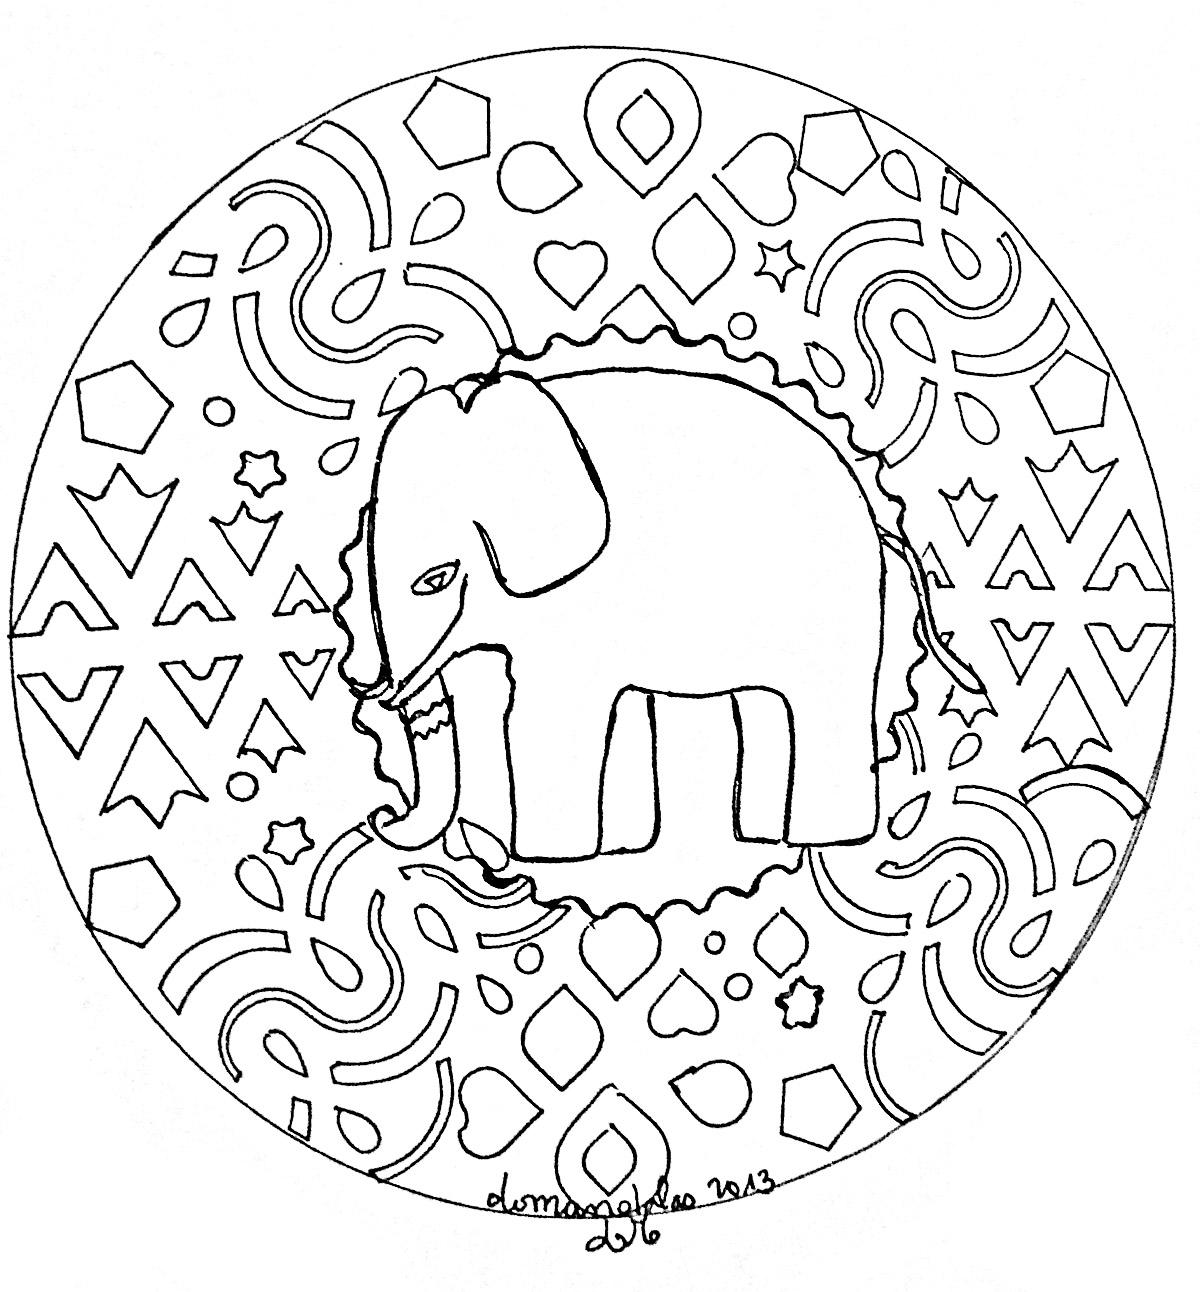 Coloriage A Imprimer Difficile Elephant.Mandala Elephant Mandalas Sur Le Theme Des Animaux 100 Mandalas